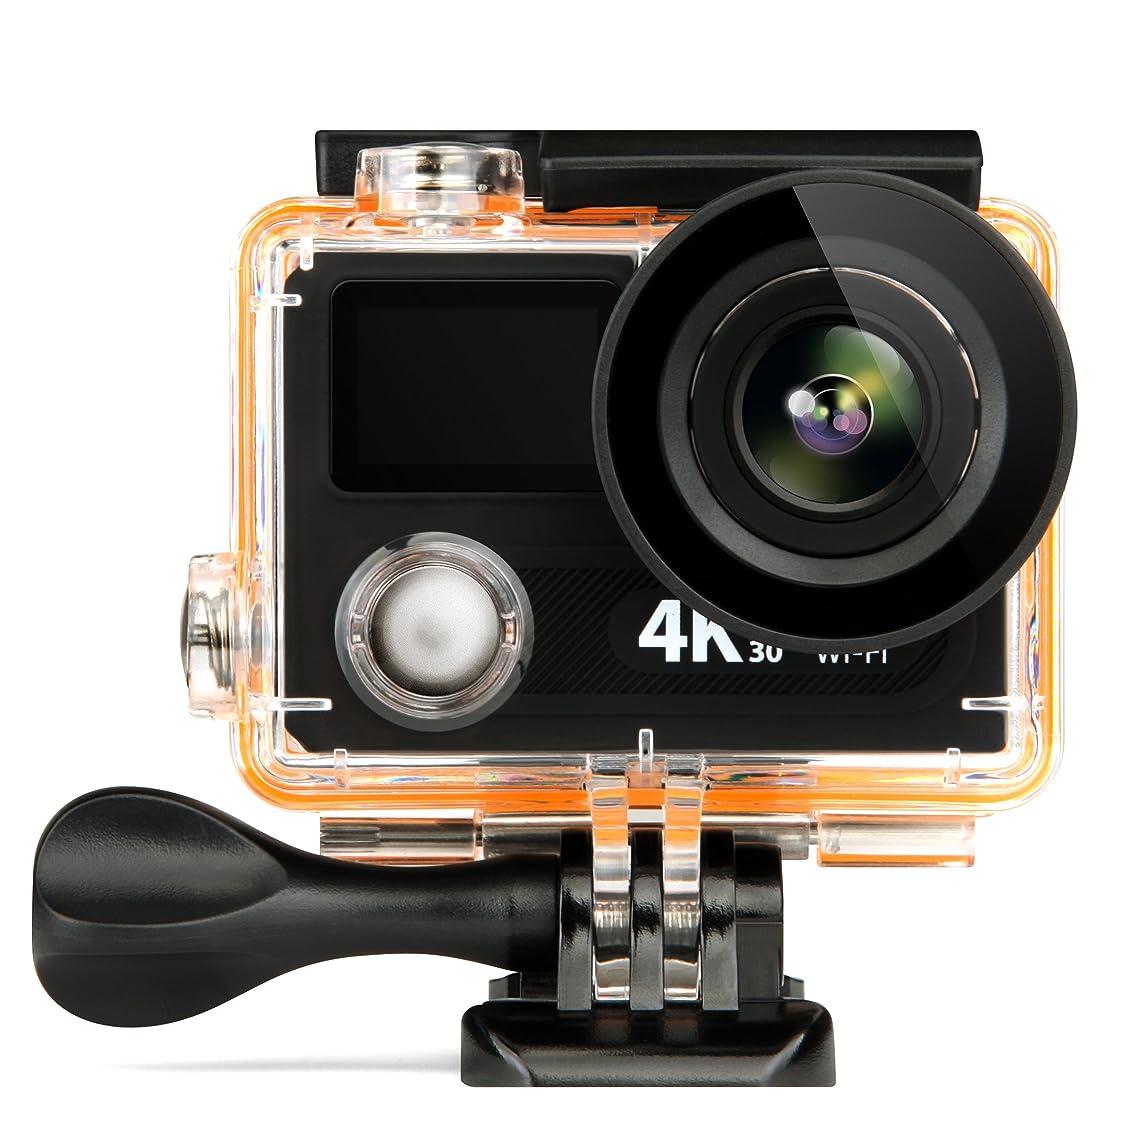 繁雑靴民間人DeXop GAPO PL-03ダブルスクリーンの防水デジタルカメラ2.7インチフロントLCD簡単な自己ショットカメラ 黄